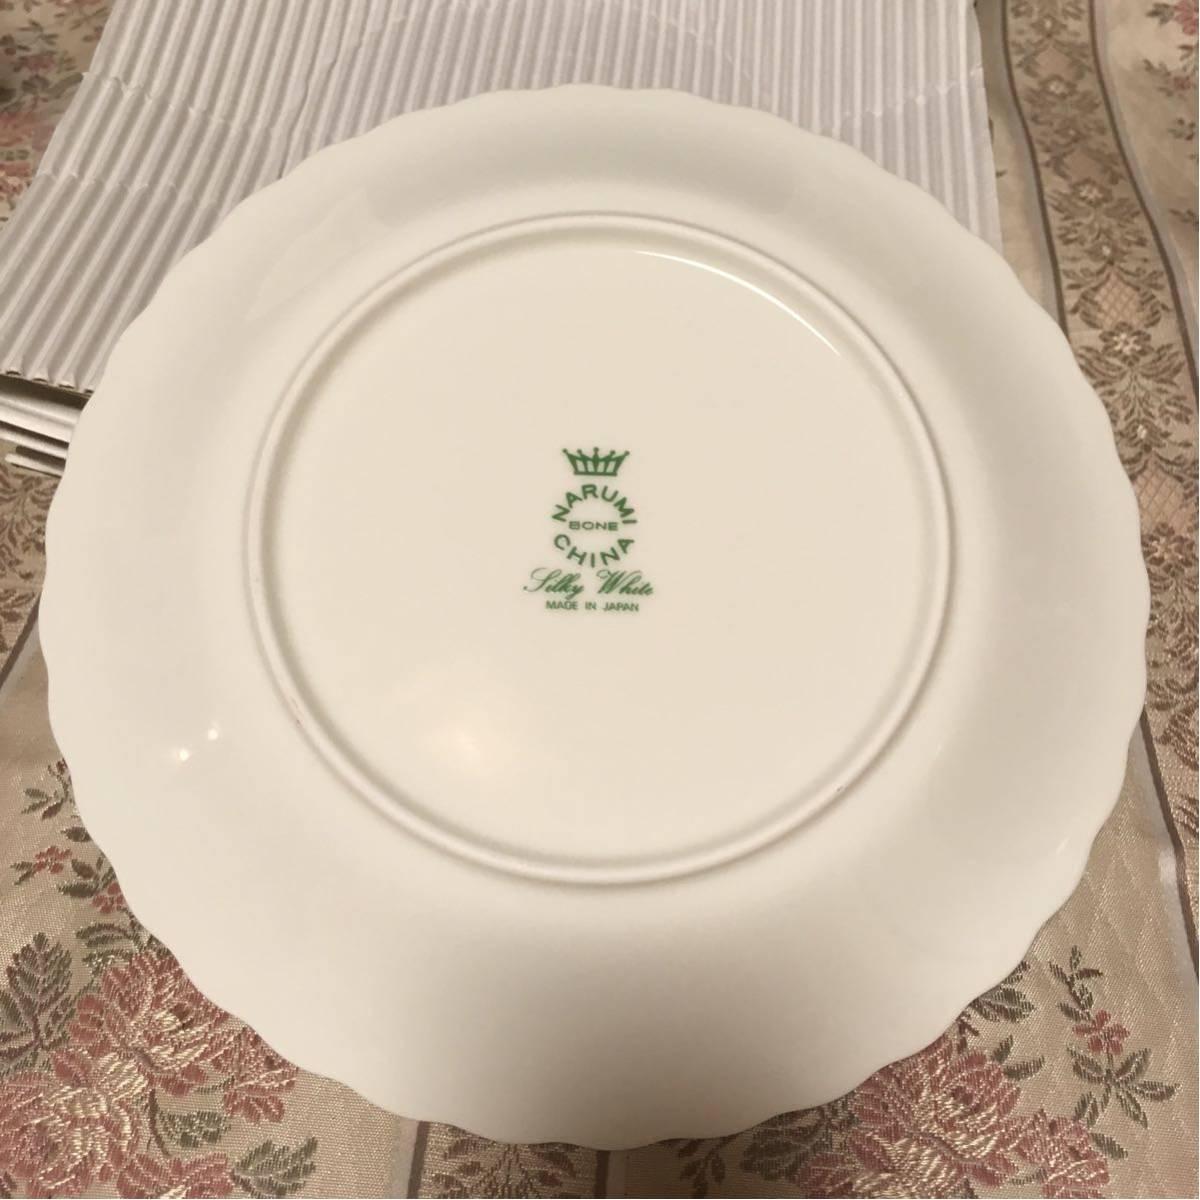 新品★ナルミ シルキーホワイト 19cm プレート ケーキ皿 6枚セット_画像4